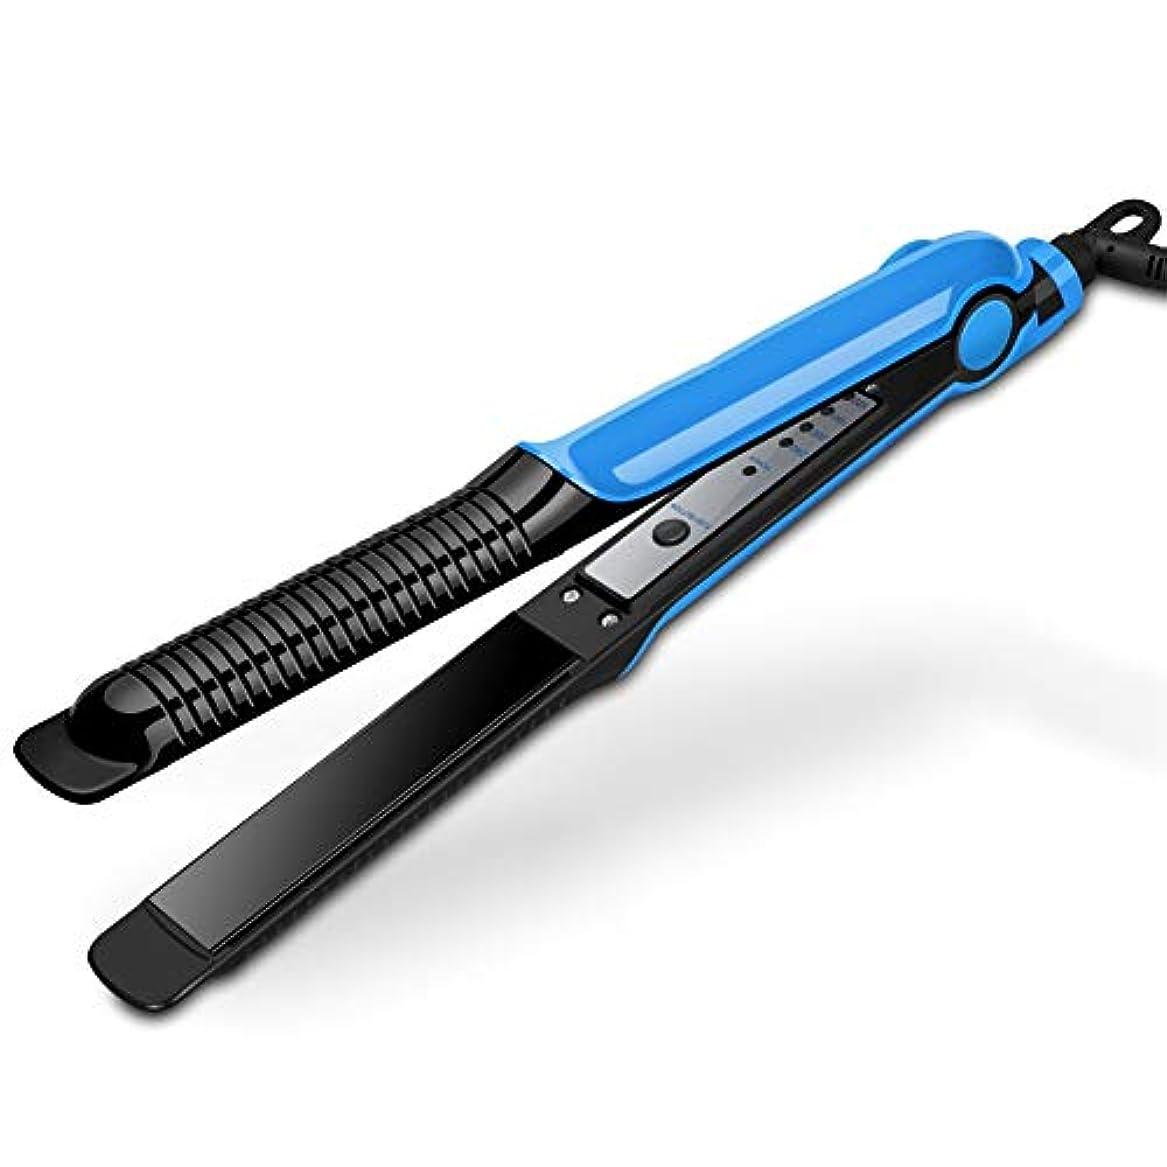 むしゃむしゃプライバシー彼らのもの多機能調節可能な温度ストレートヘアストレートラインデュアルユースウェットアンドドライデュアルユース自動一定温度4スピードサーモスタットパネル均一に熱は髪を傷つけません30秒ホットパープルブルー (Color : Blue)